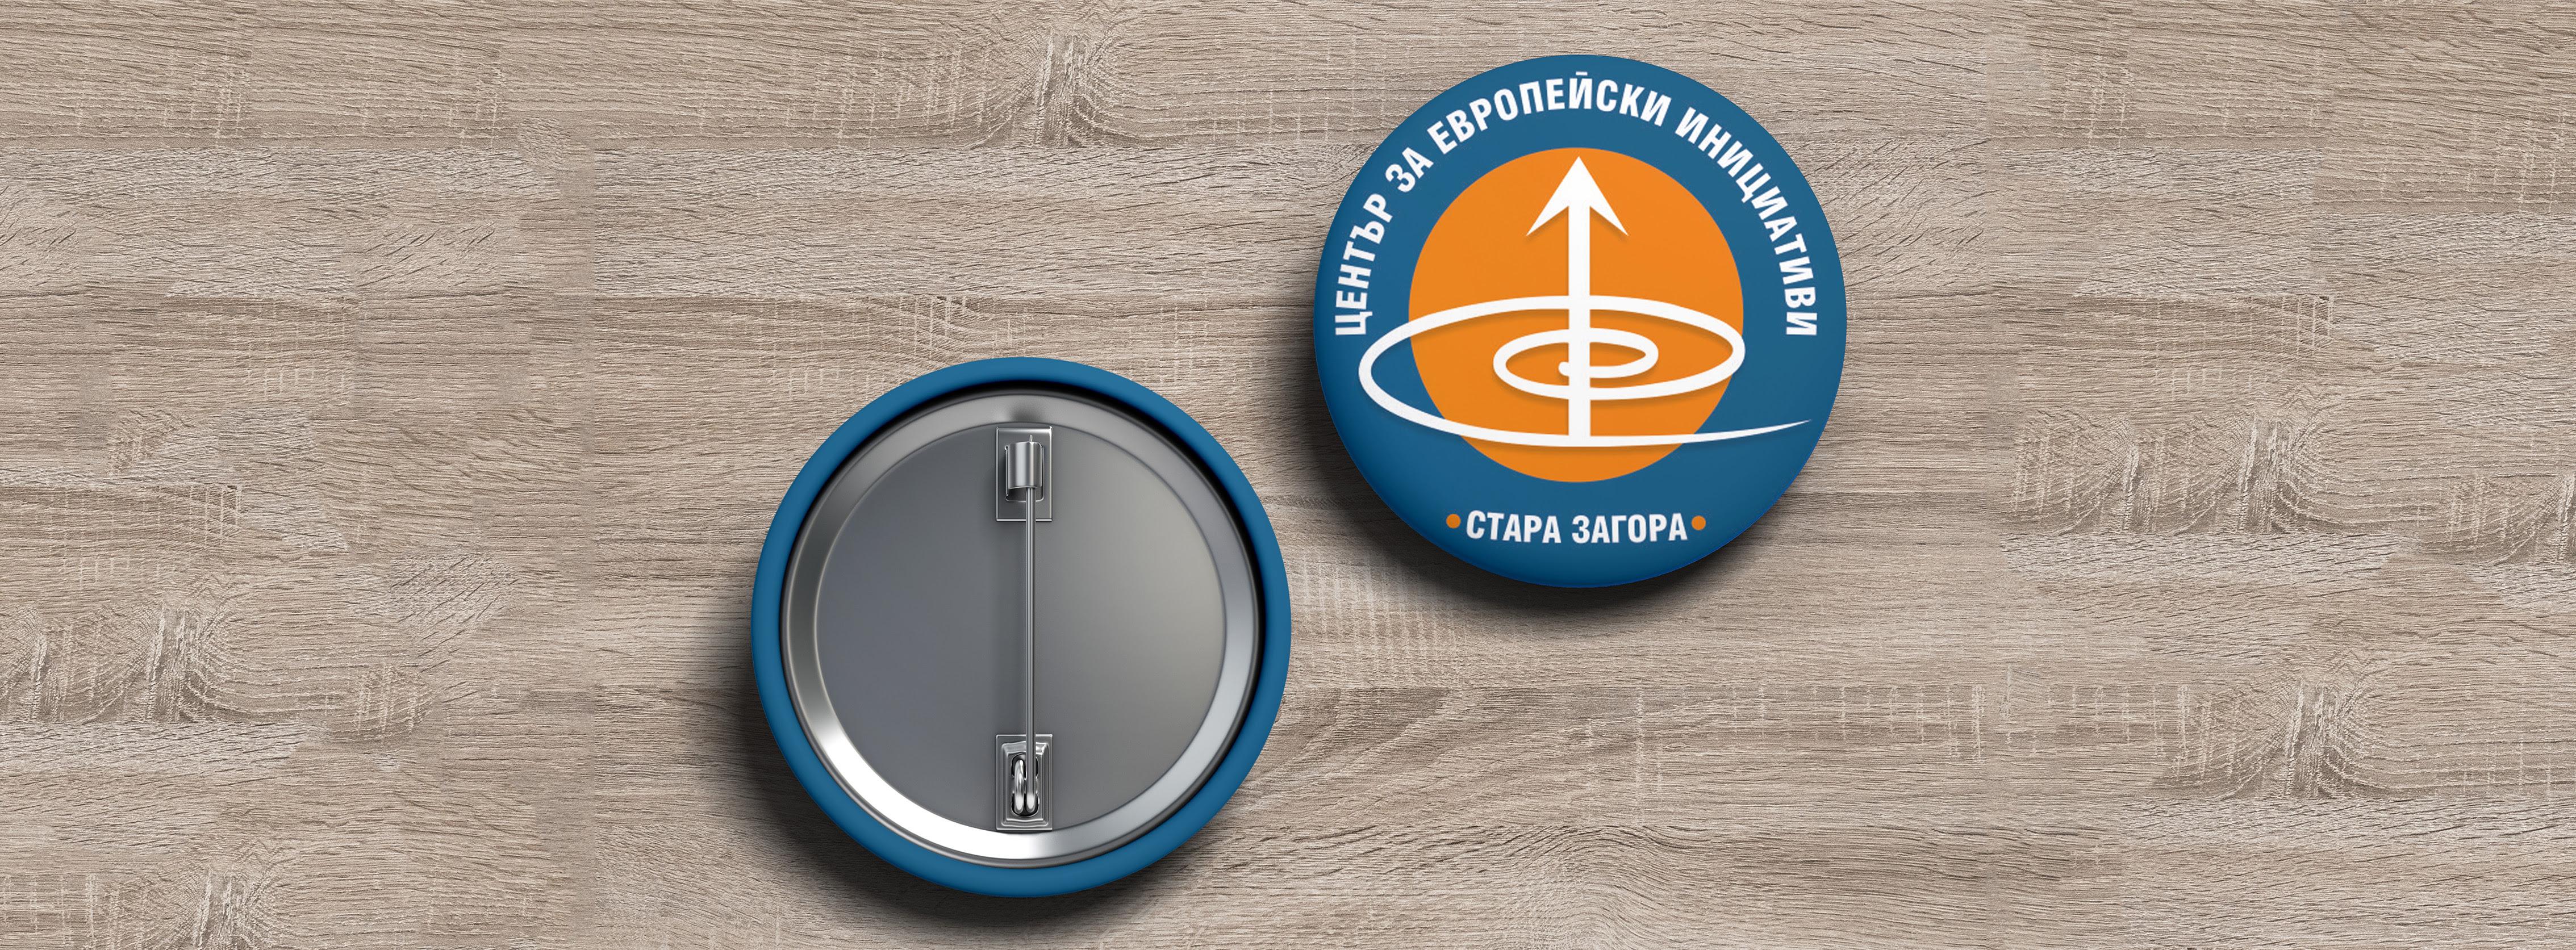 CEI-badge-1